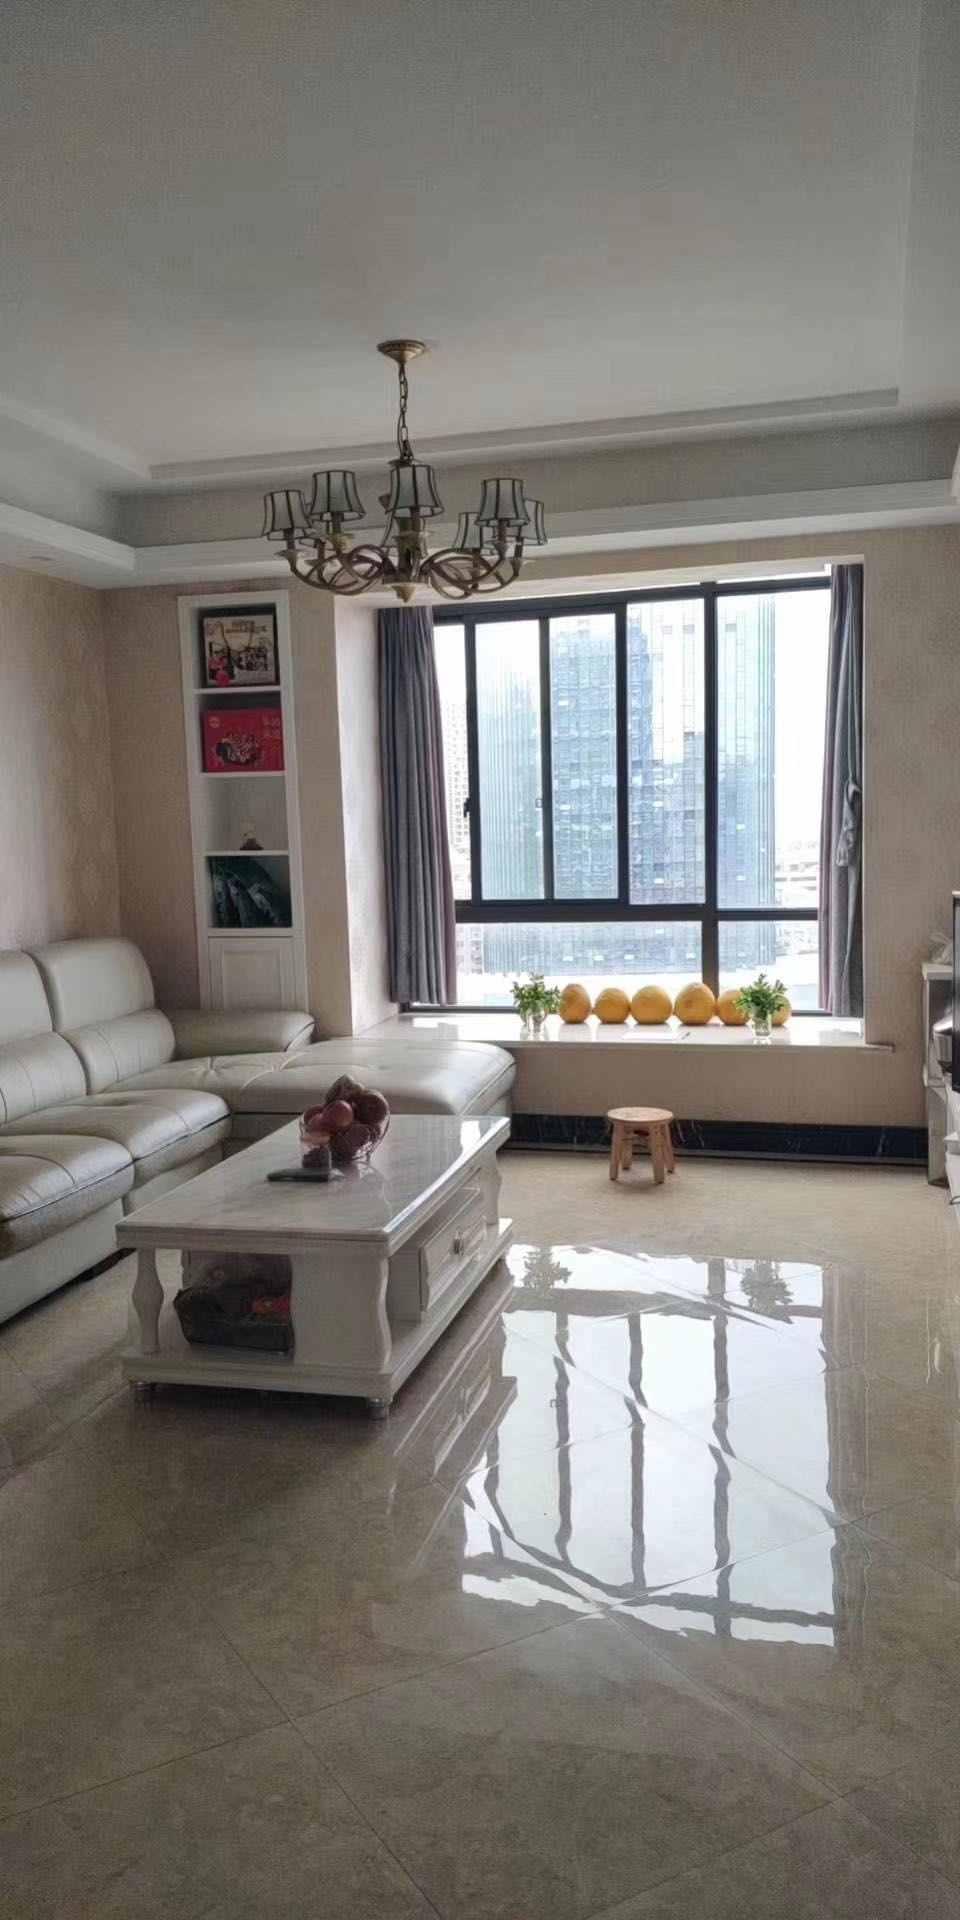 A03274出售城南正大新世界最好楼层,自住欧式精装修,89平方,,三室二厅一卫一厨,中央空调,门口大平台,售价109.8万元